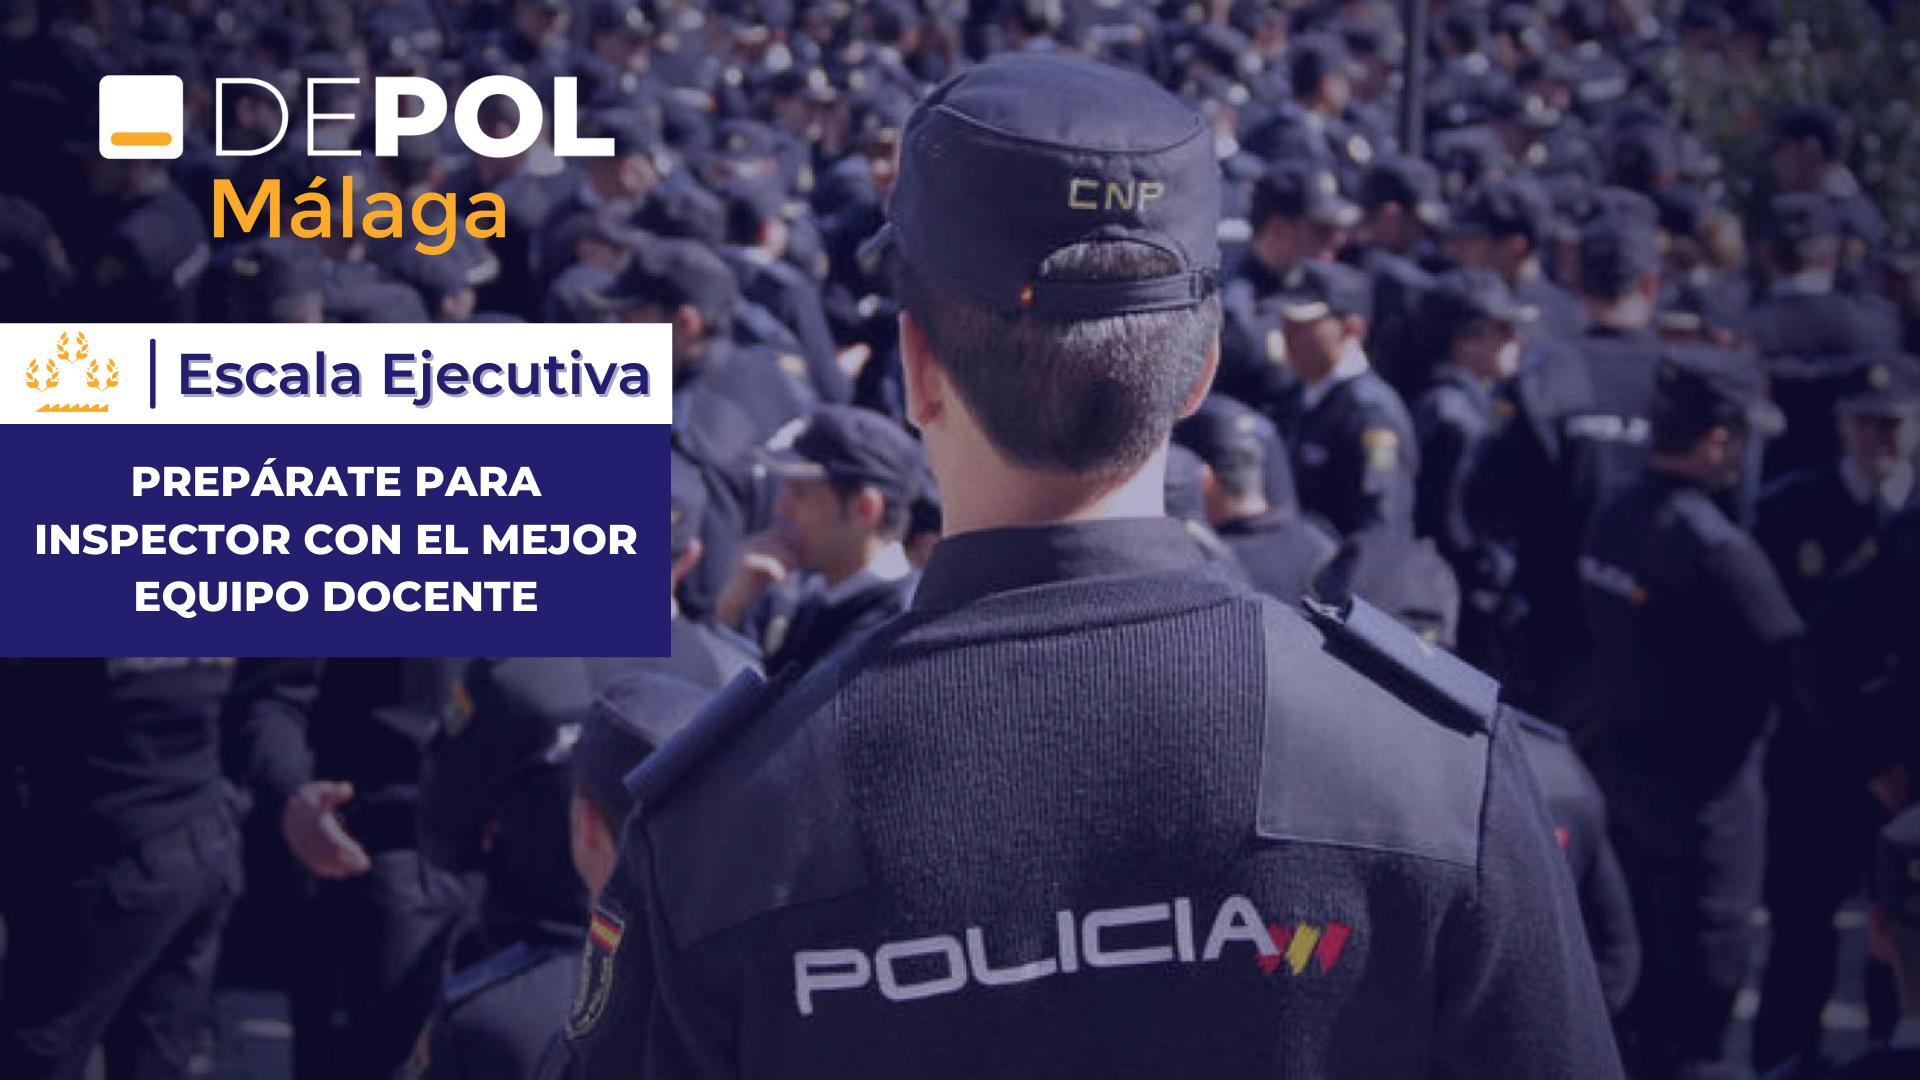 DEPOL Málaga amplía su oferta formativa y ofrece preparación para la Escala Ejecutiva